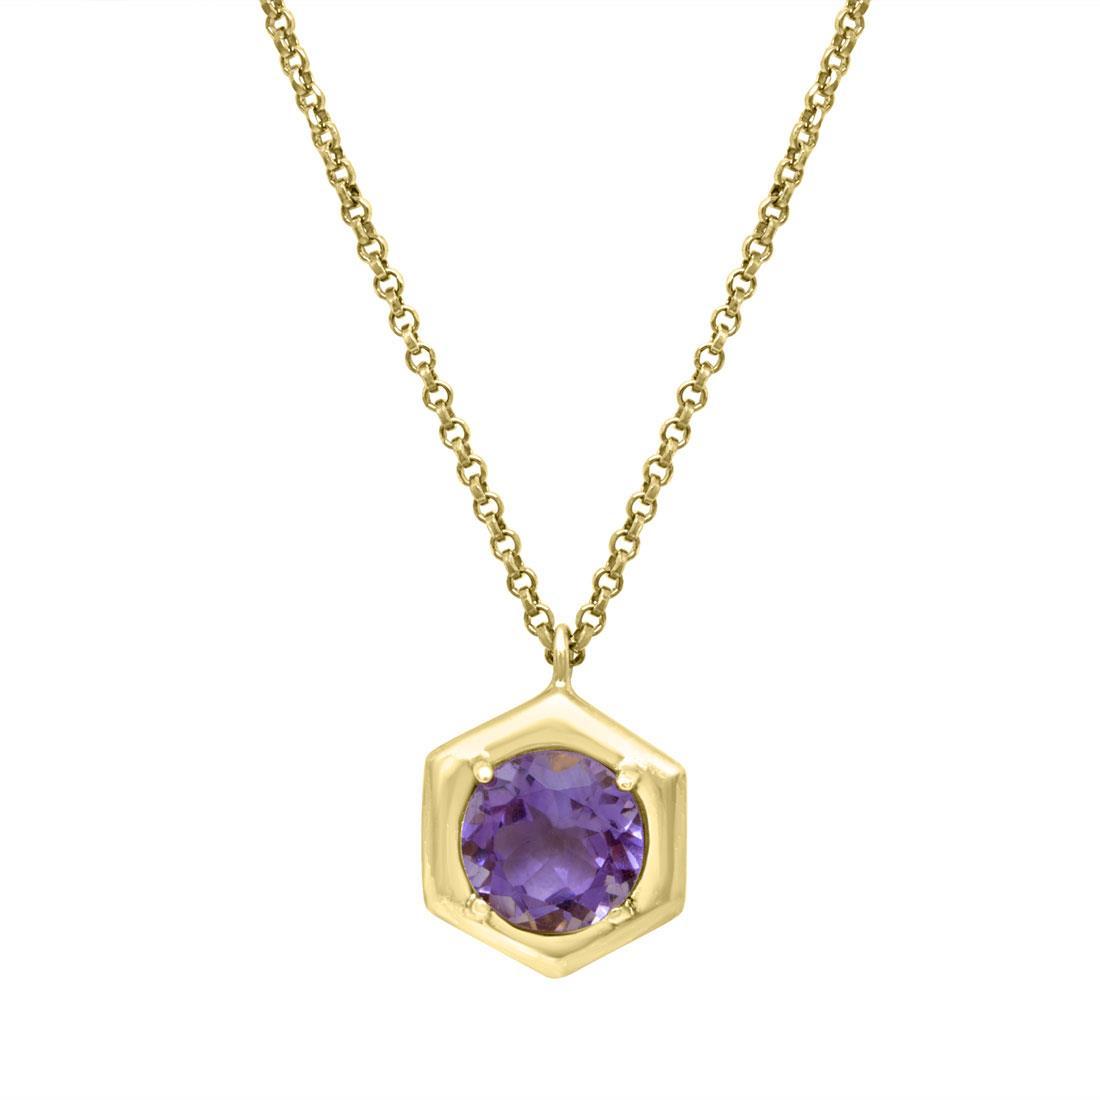 Collana in argento con pietra viola - ZOCCAI